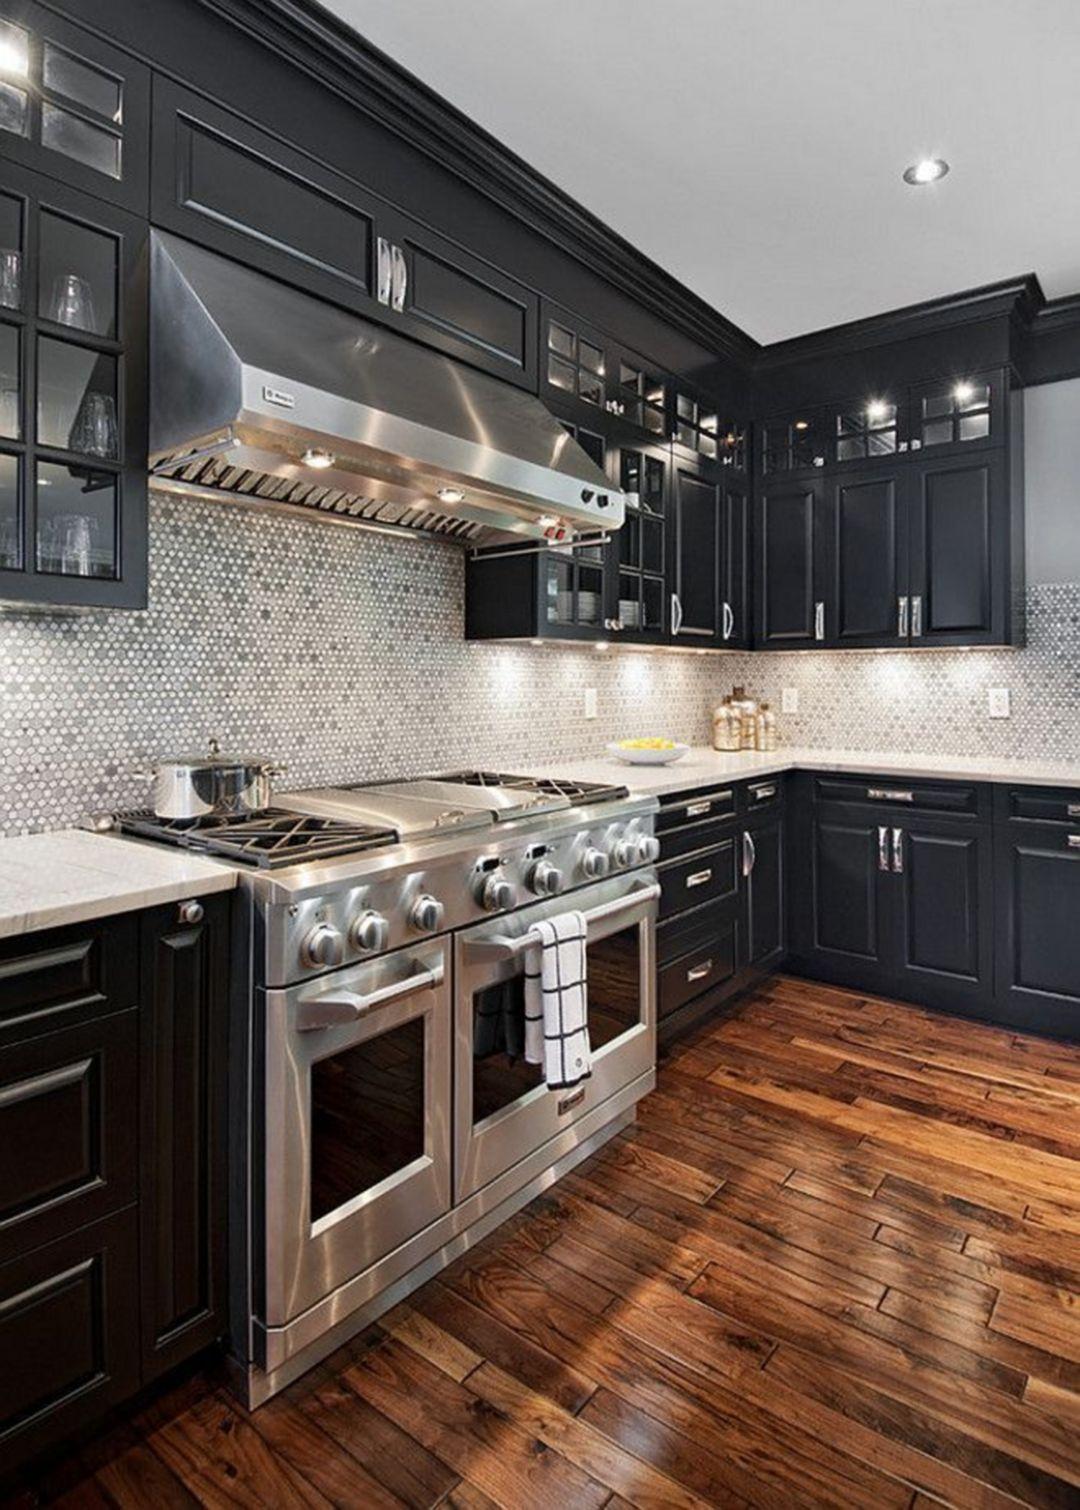 Küchenideen in kerala elegant black kitchen design   kitchen ideas  pinterest  design